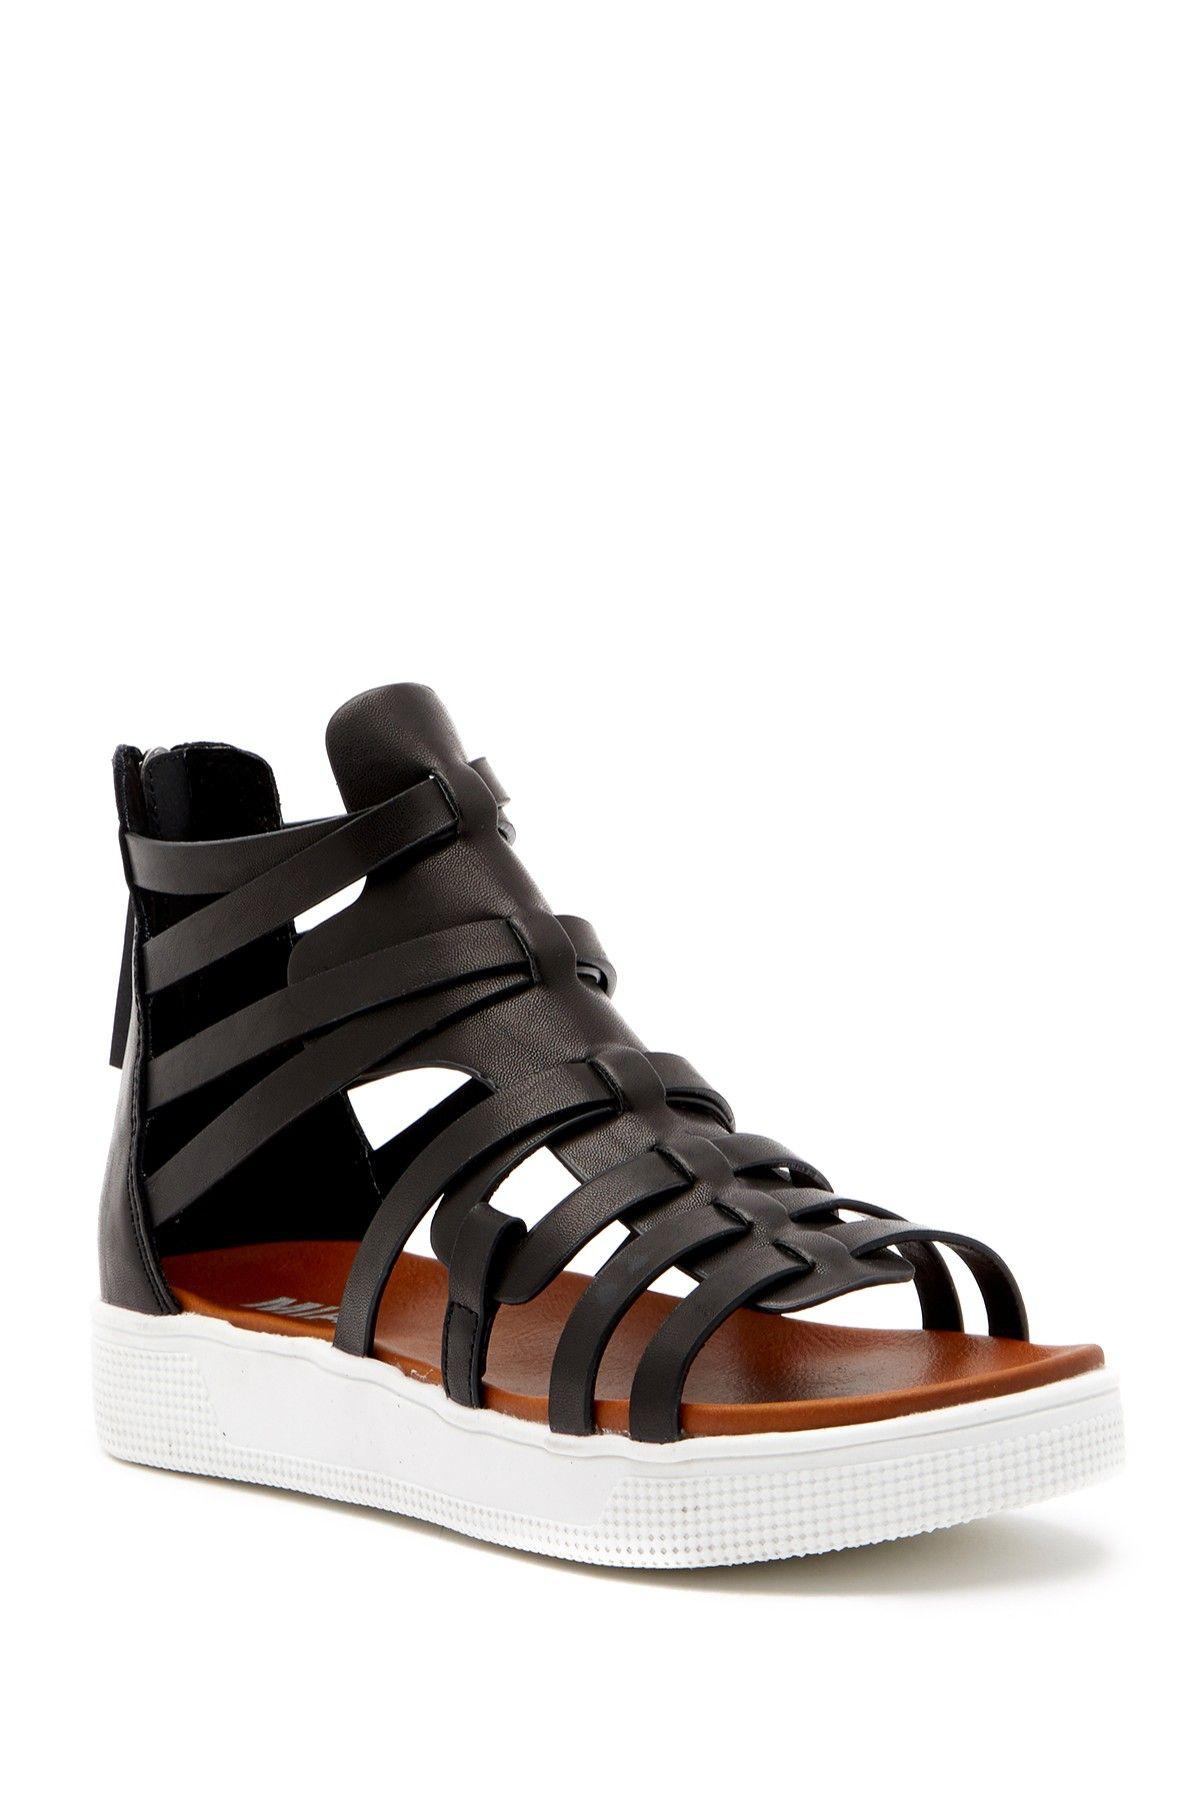 MIA | Elsie Platform Sandal | Platform shoes, Flat platform